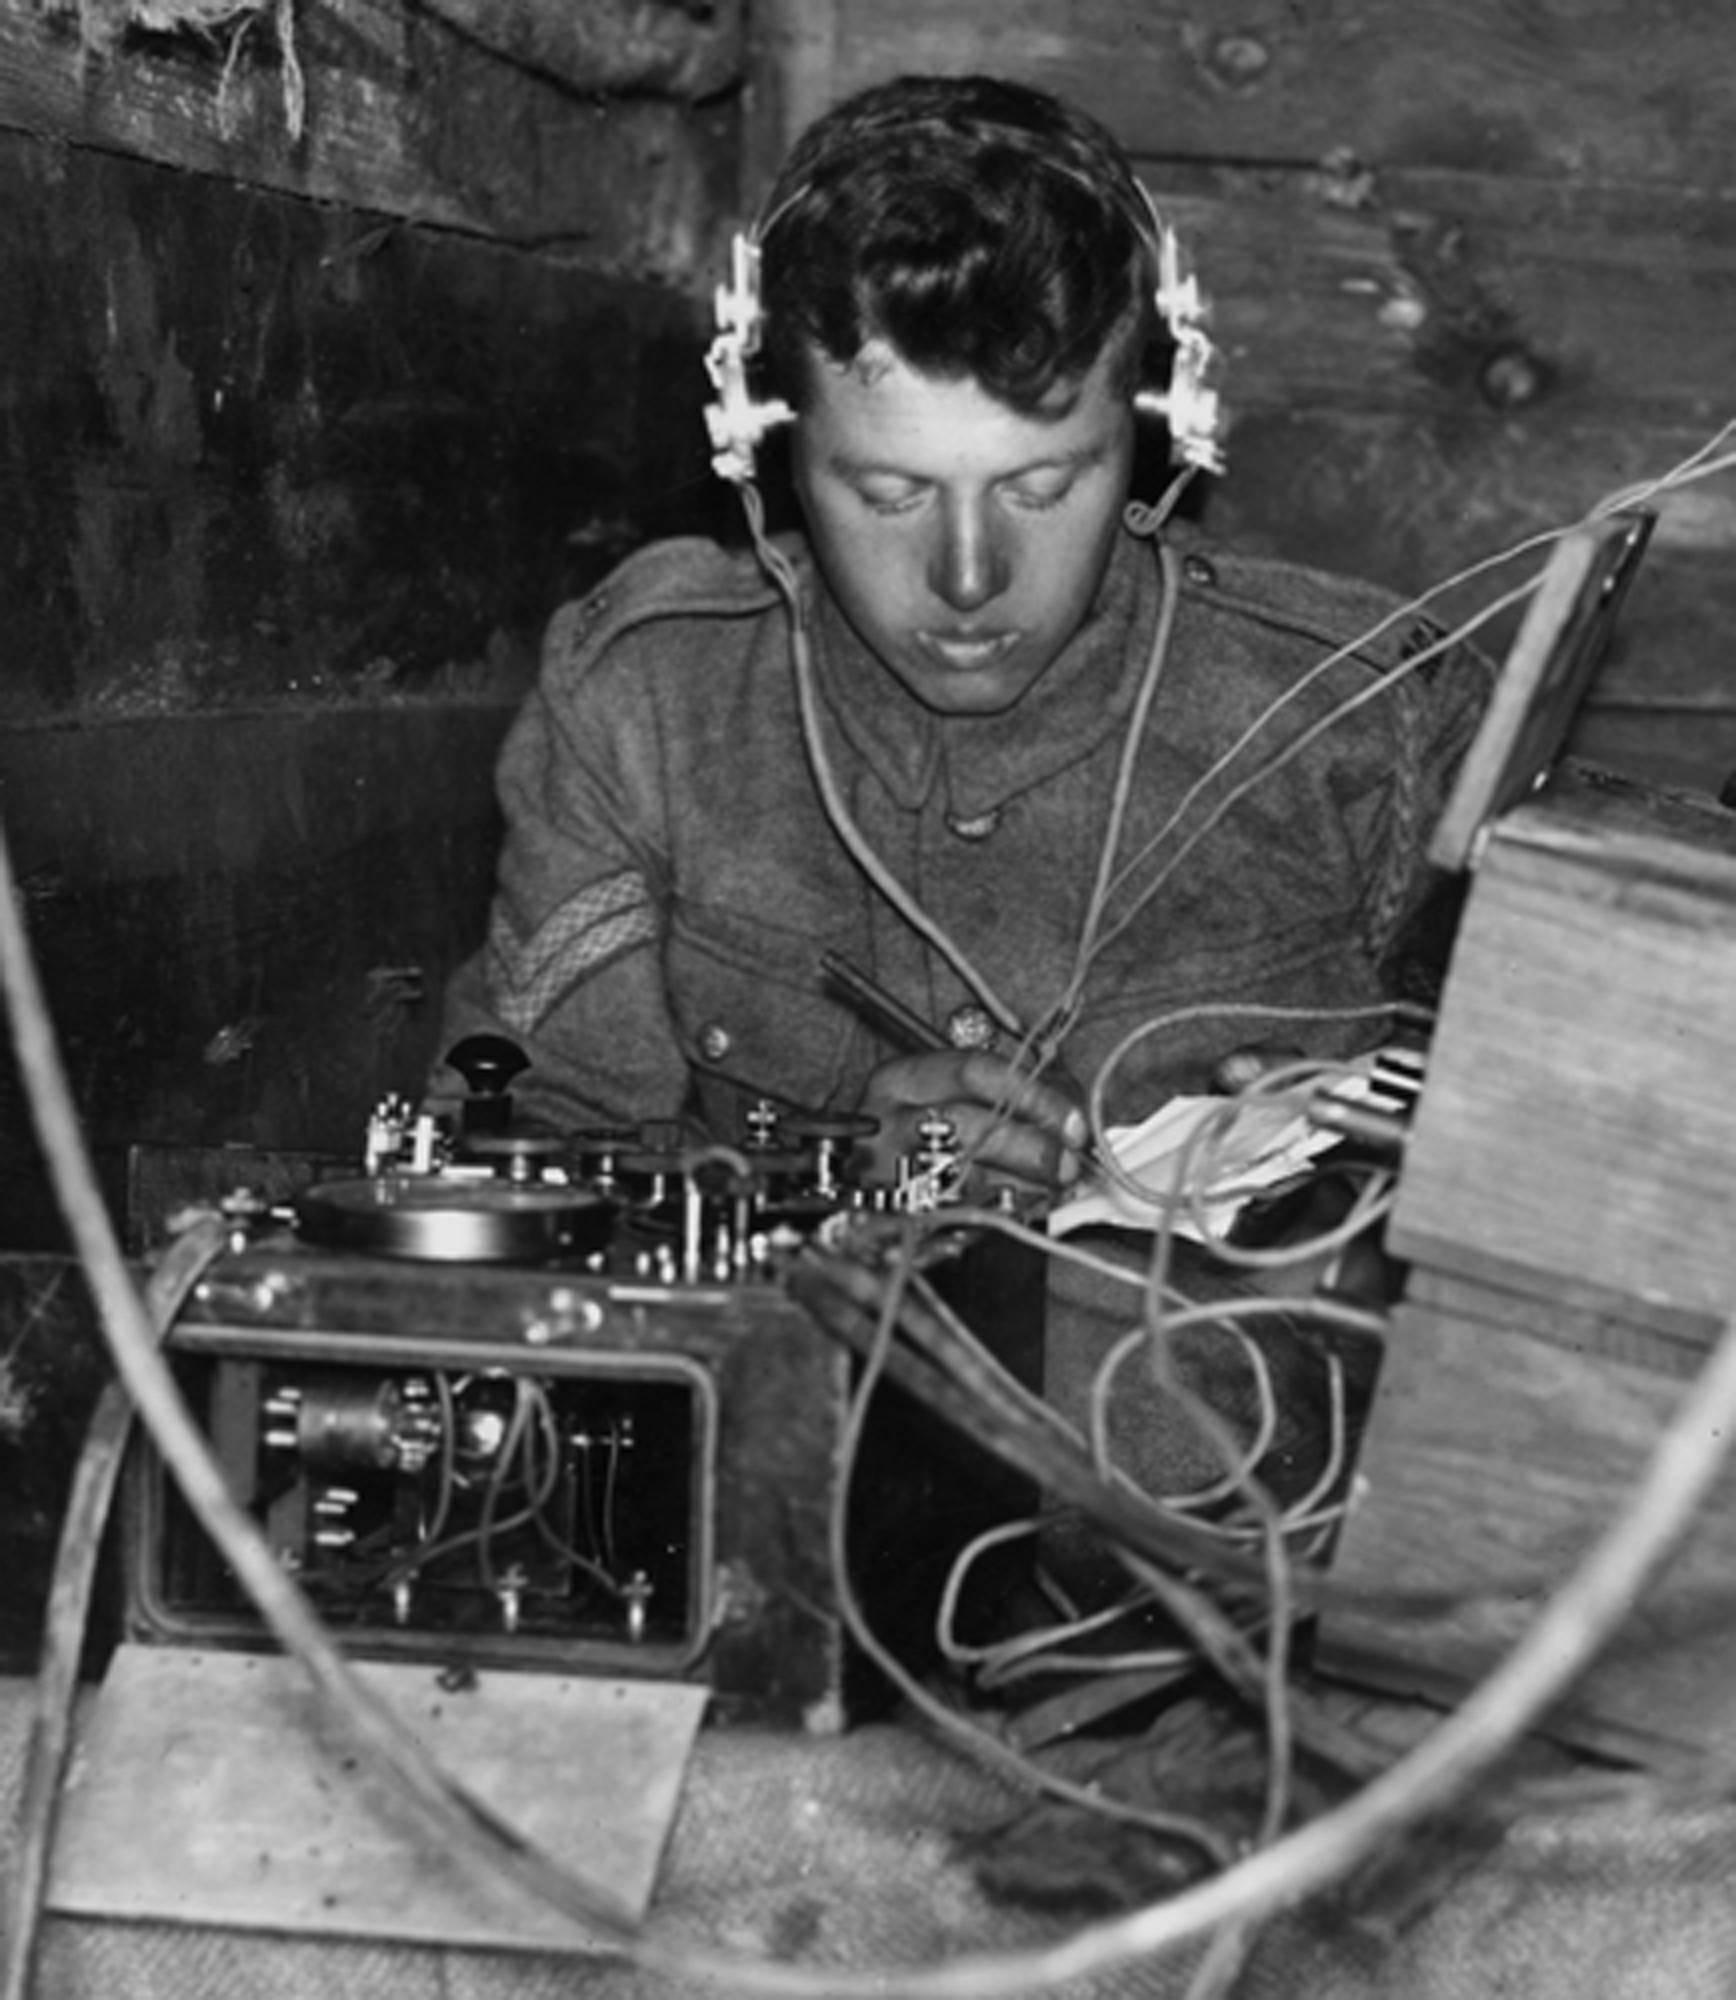 Enigma była powszechnym sposobem szyfrowania w jednostkach wojskowych walczących na linii (np. - jak na fotografii w okopach).